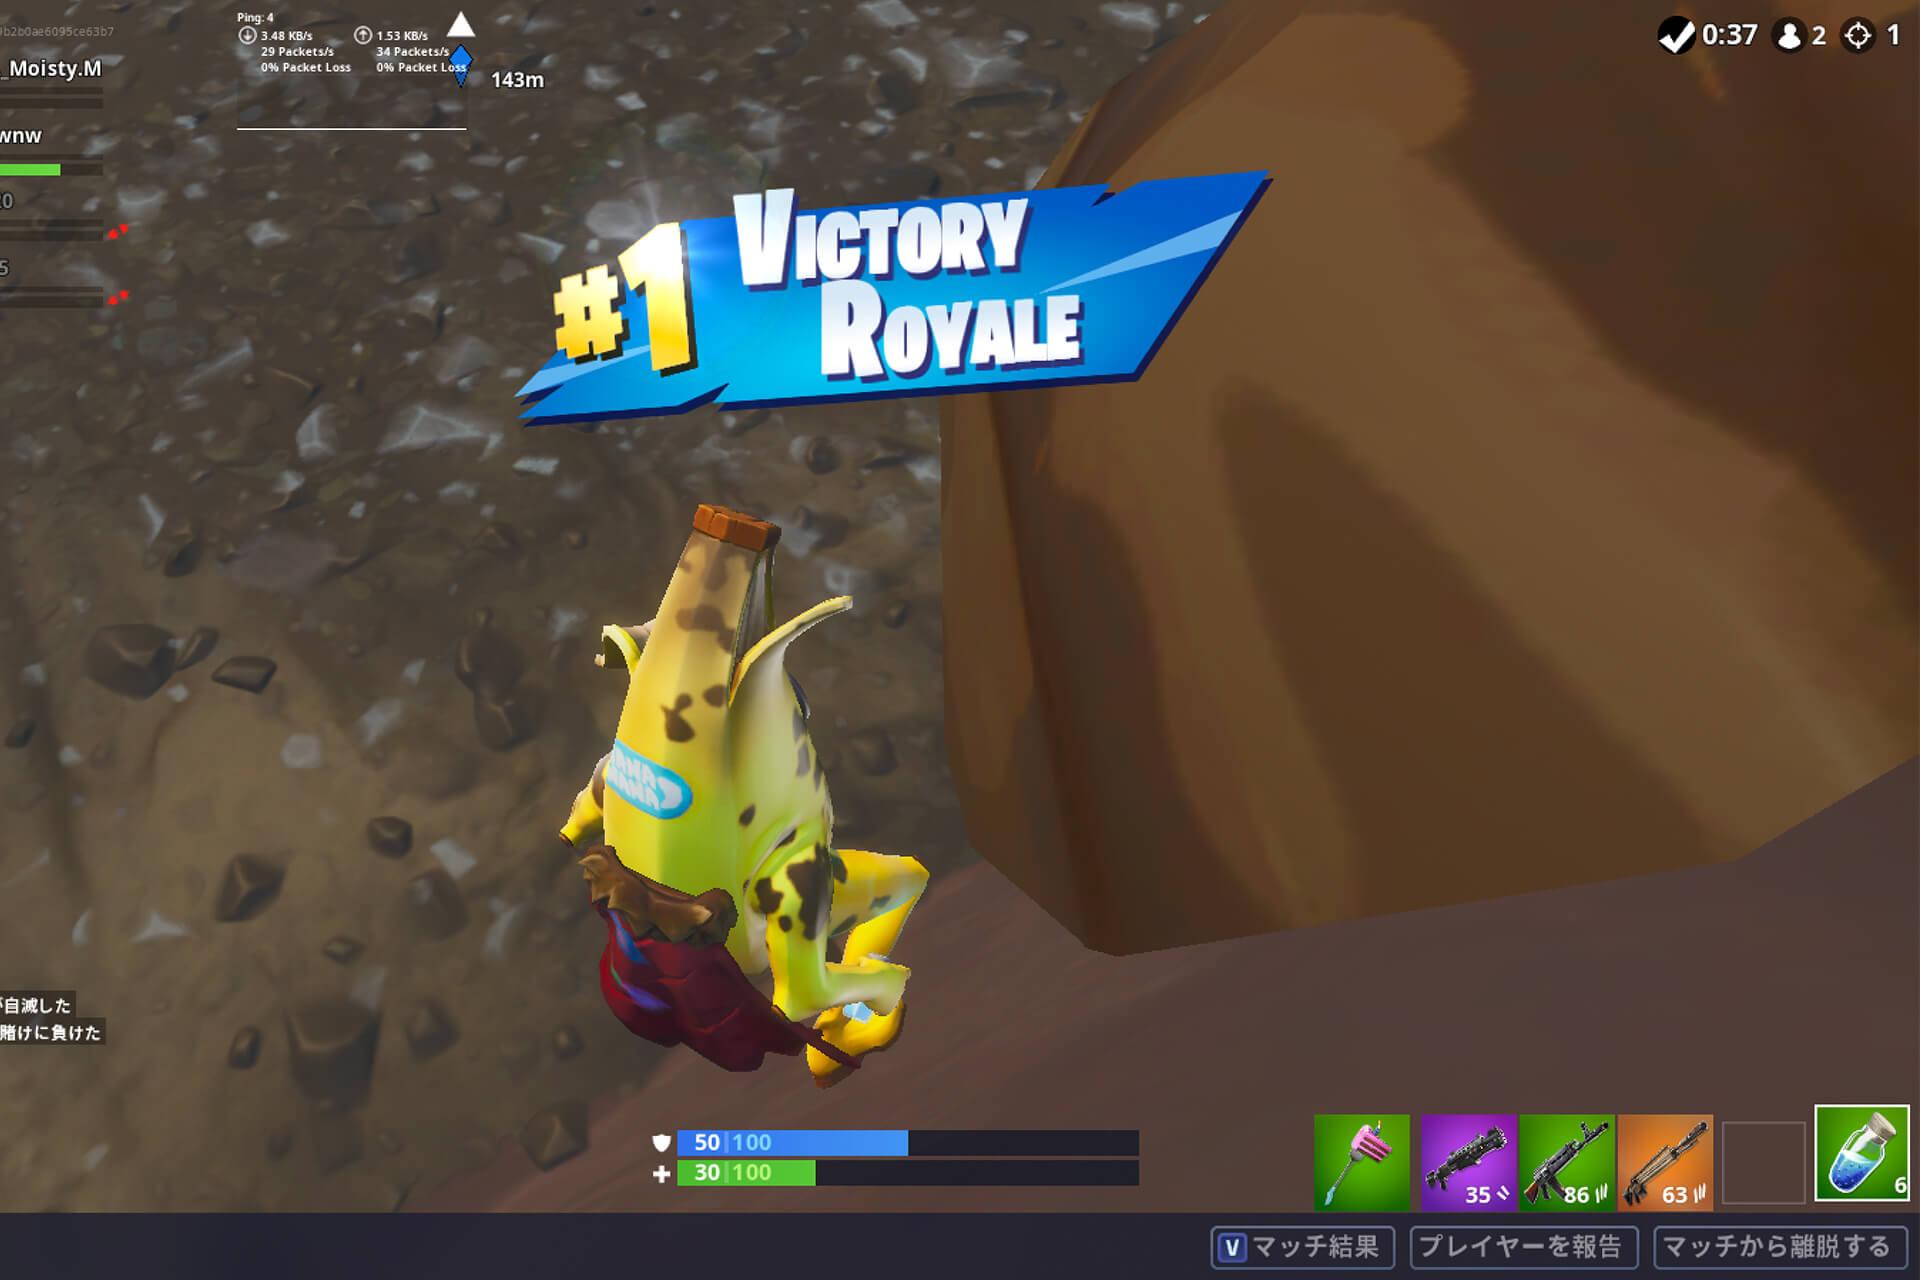 victory-royal